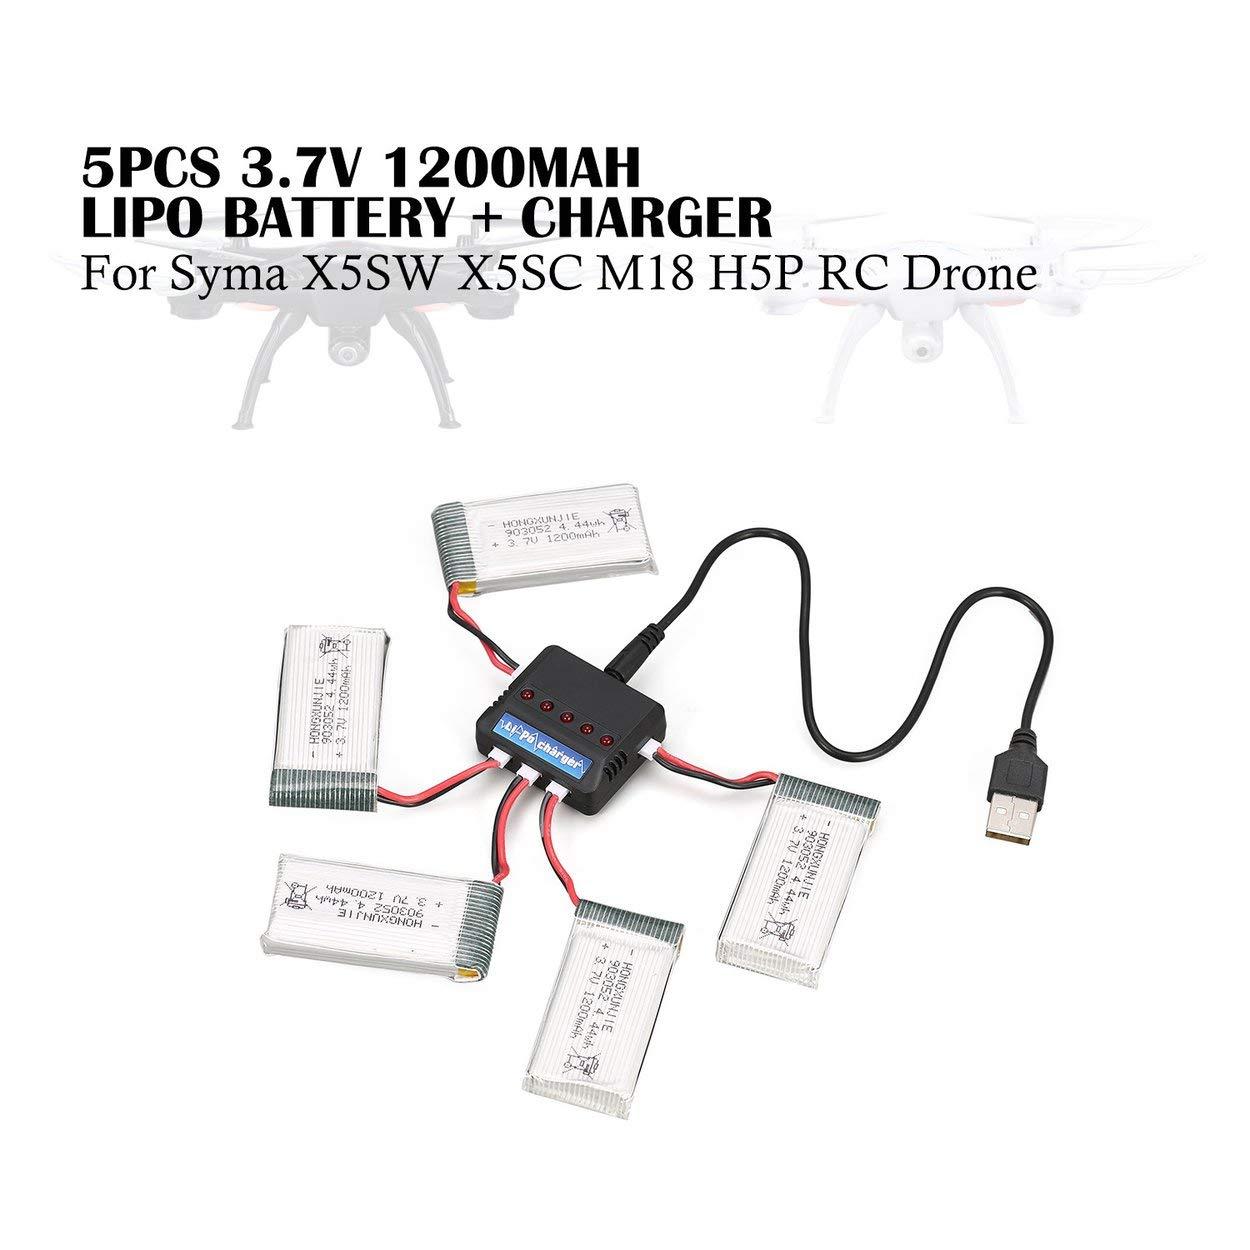 Tree-es-Life 5Pcs Recargable 4.44wh 3.7V 1200mAh Batería de Lipo + ...